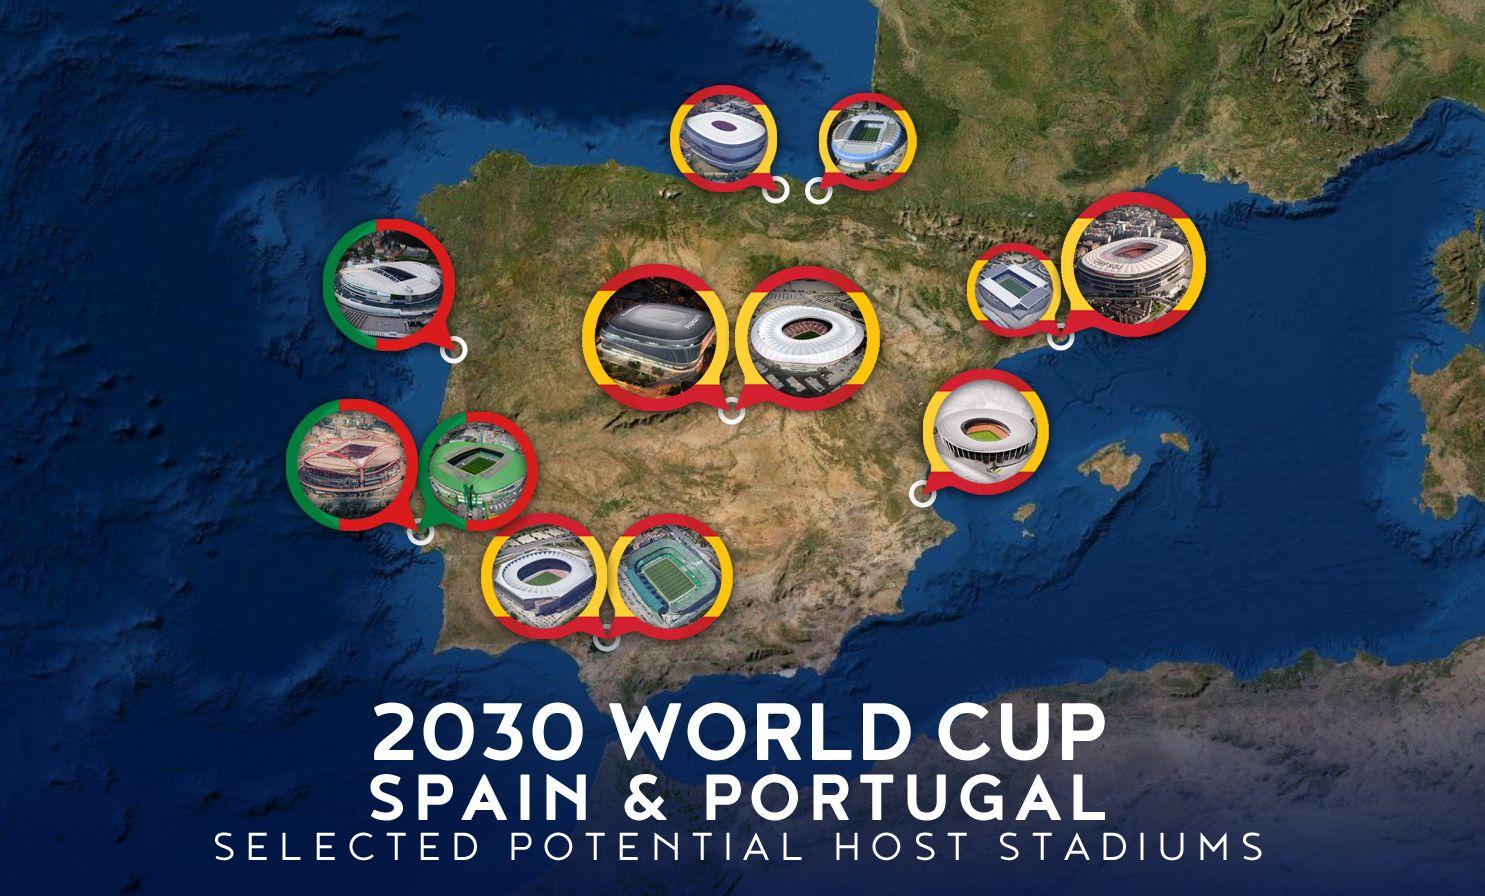 Mistrzostwa Świata 2030 - kandydatura Hiszpanii i Portugalii